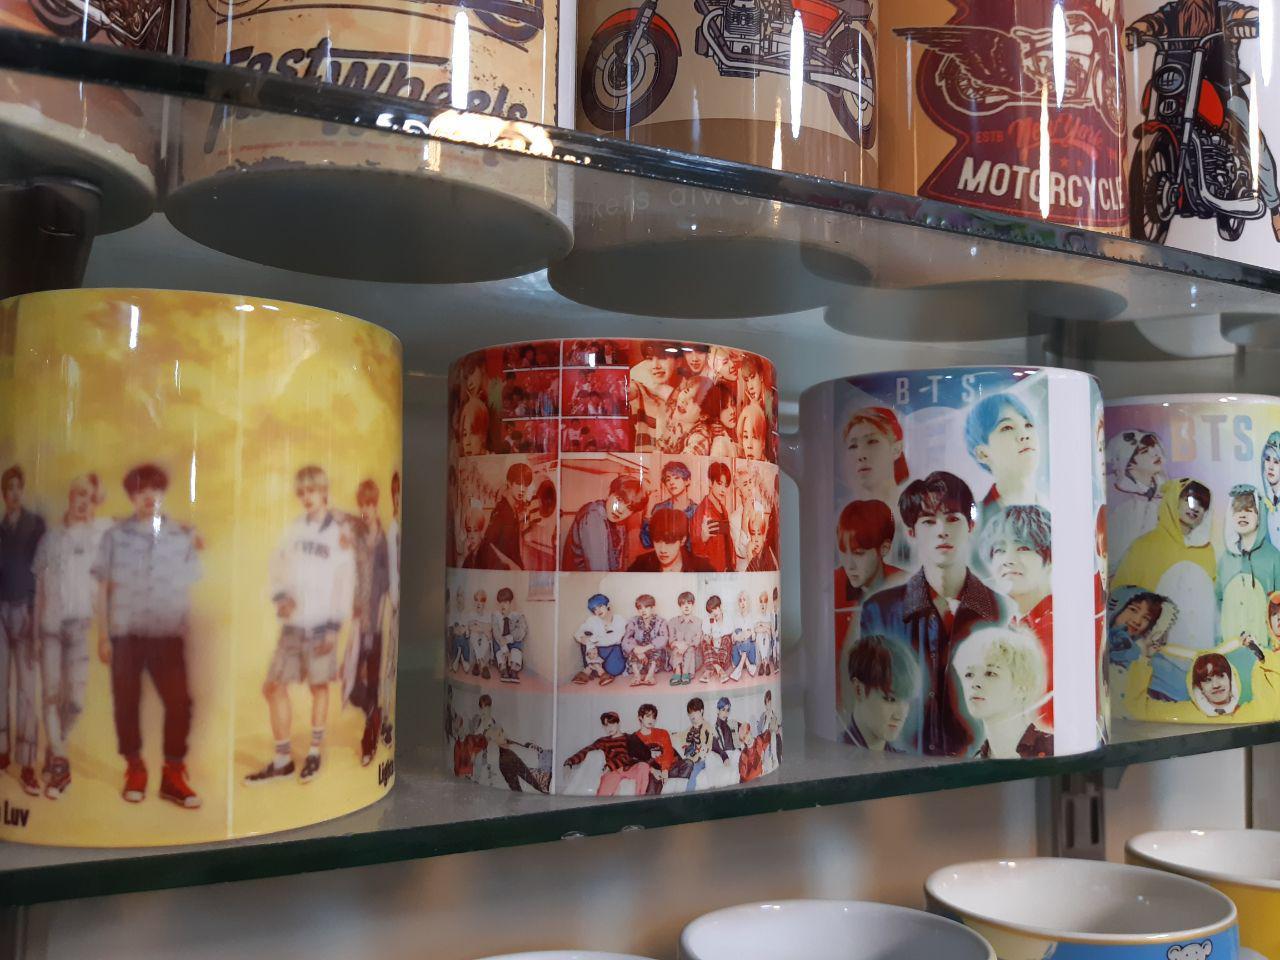 پخش عمده لوازم کادویی و تزیینی ماگ با طرح بازیگران کره ایی